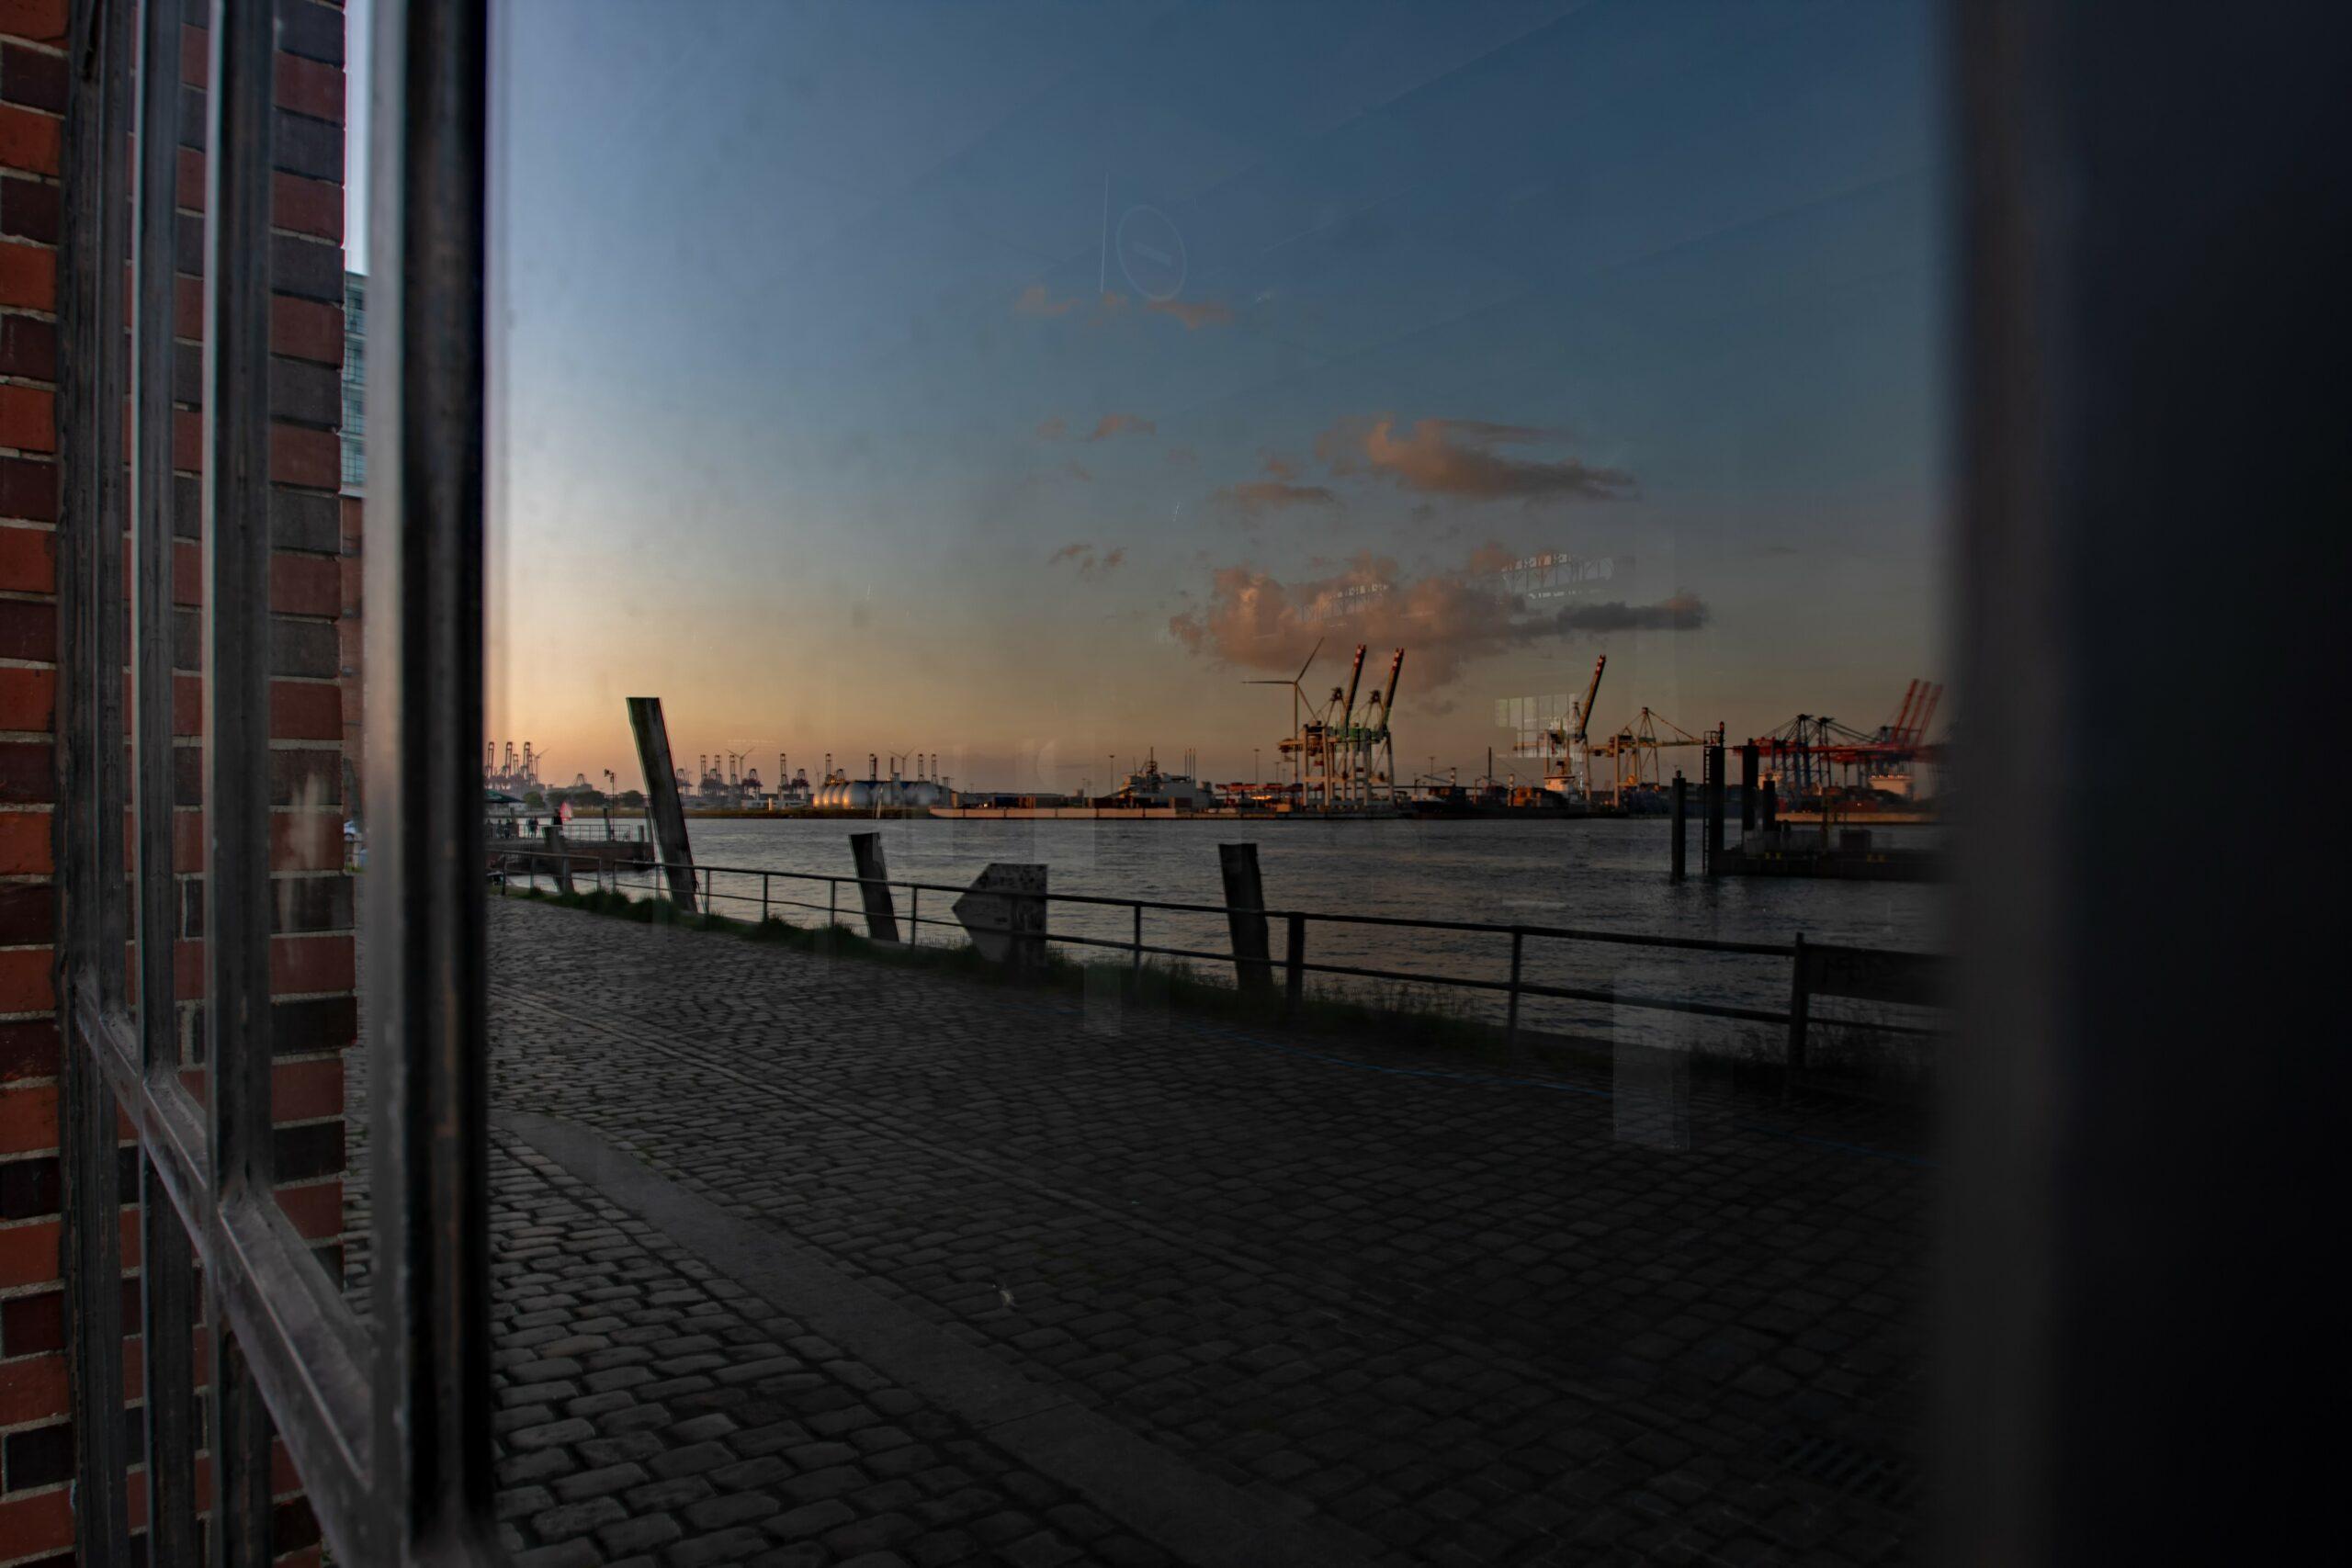 Hans Stötera - Fischmarkt am Abend 01.06.2021 - Im Fenster